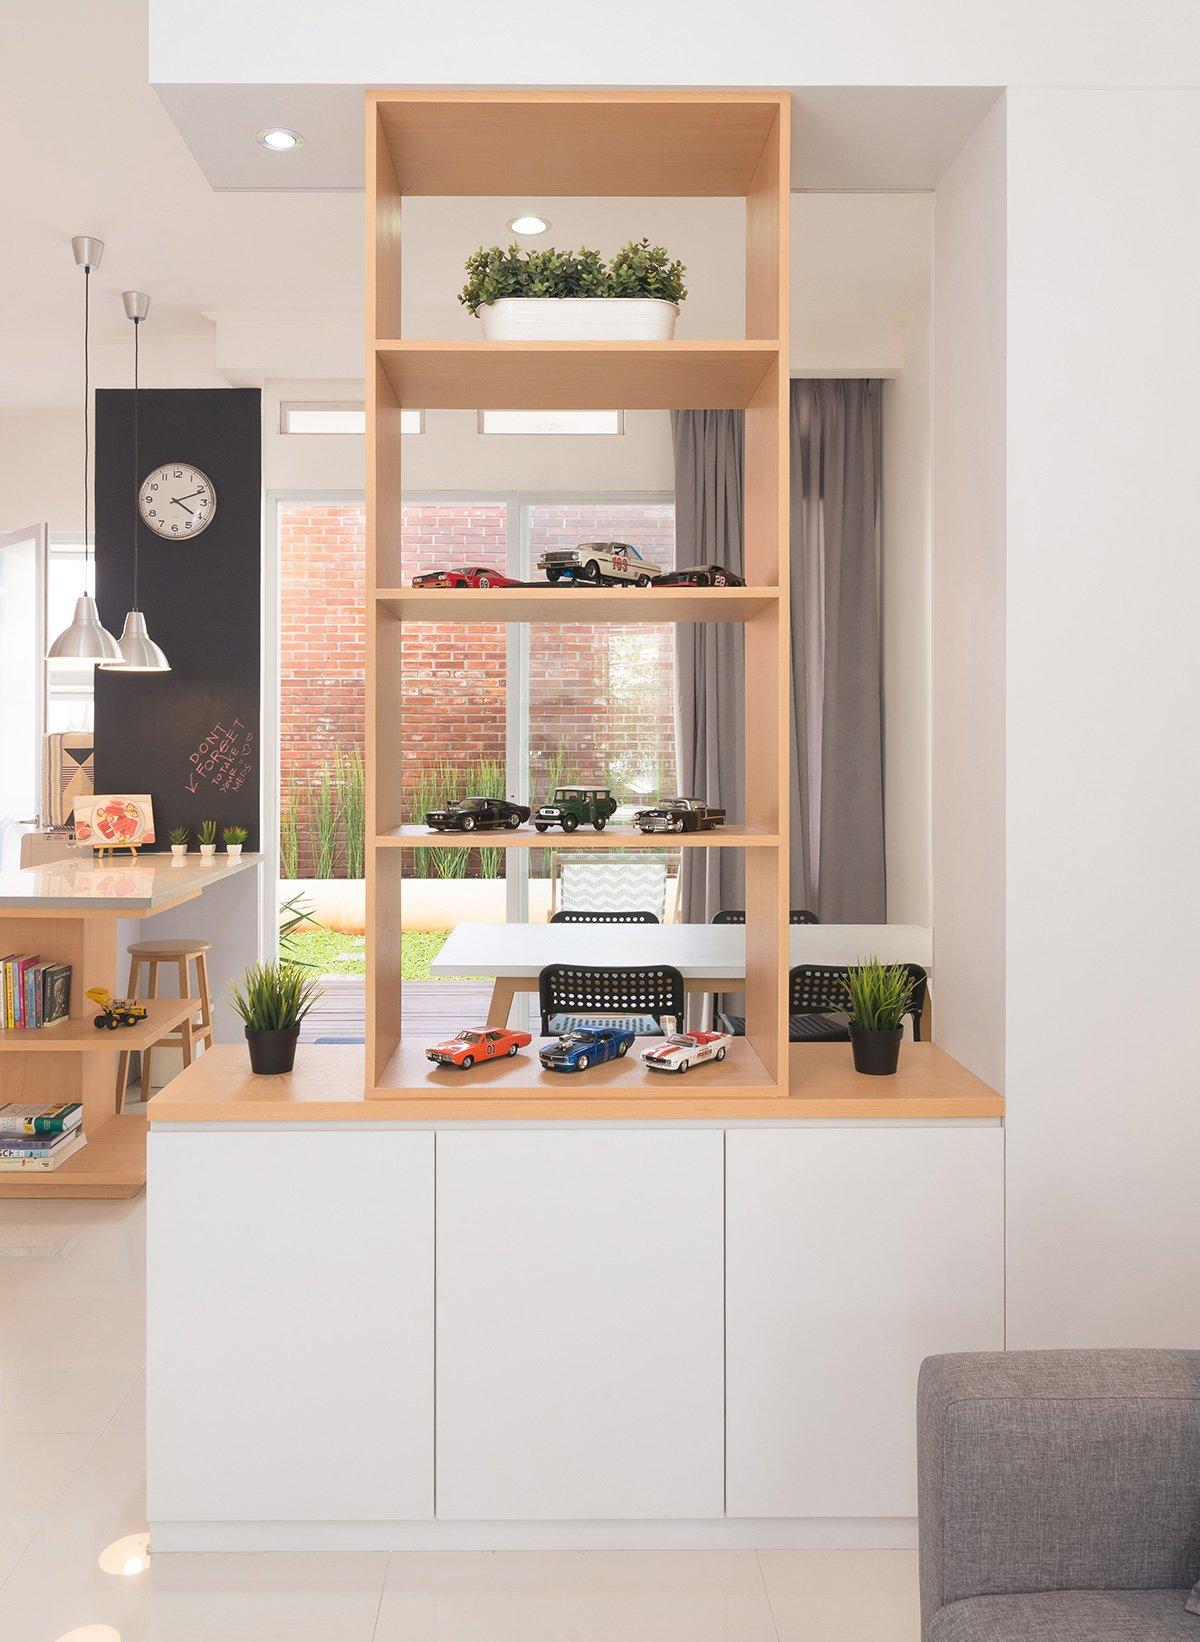 Rumah Torrina - Representasi Gaya Hidup Urban